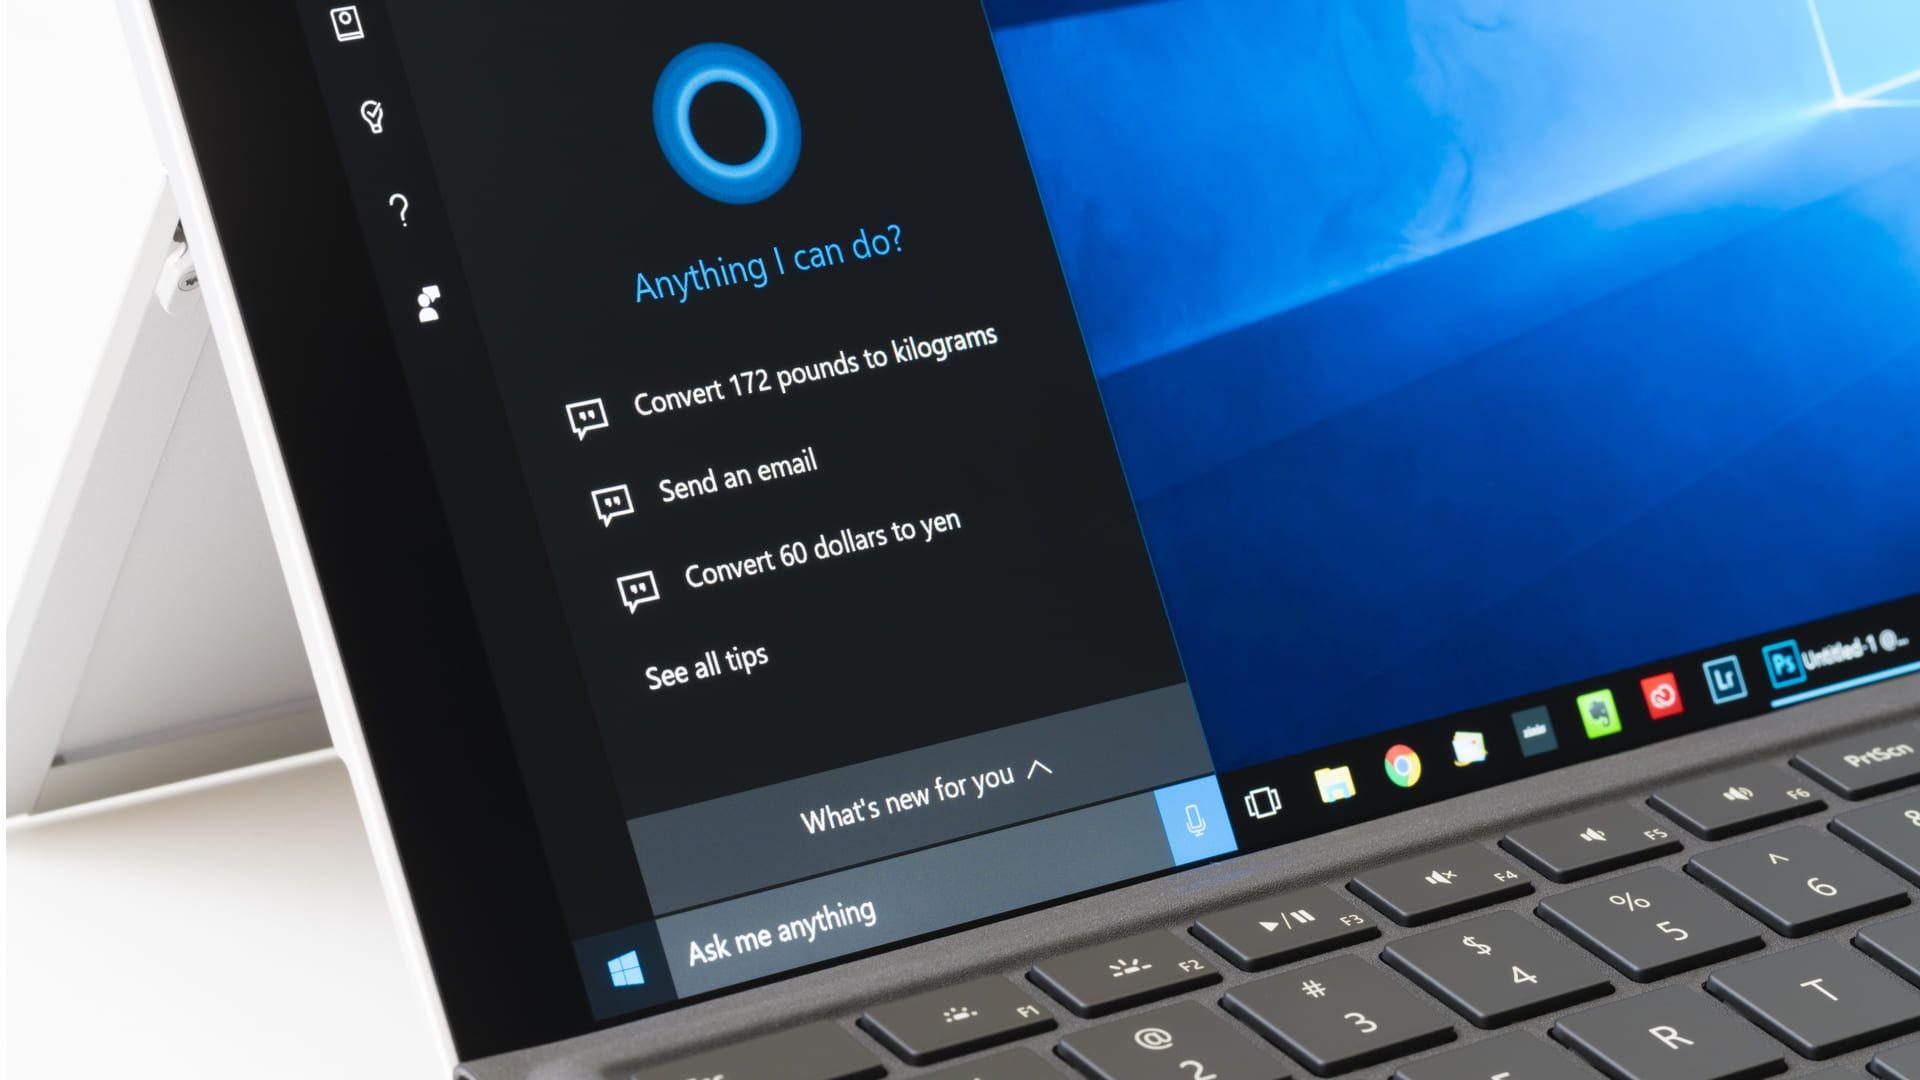 A assistente virtual Cortana é uma grande vantagem do Windows 8.1 e Windows 10 sobre o Windows 8 original (Reprodução: Green Man Gaming)